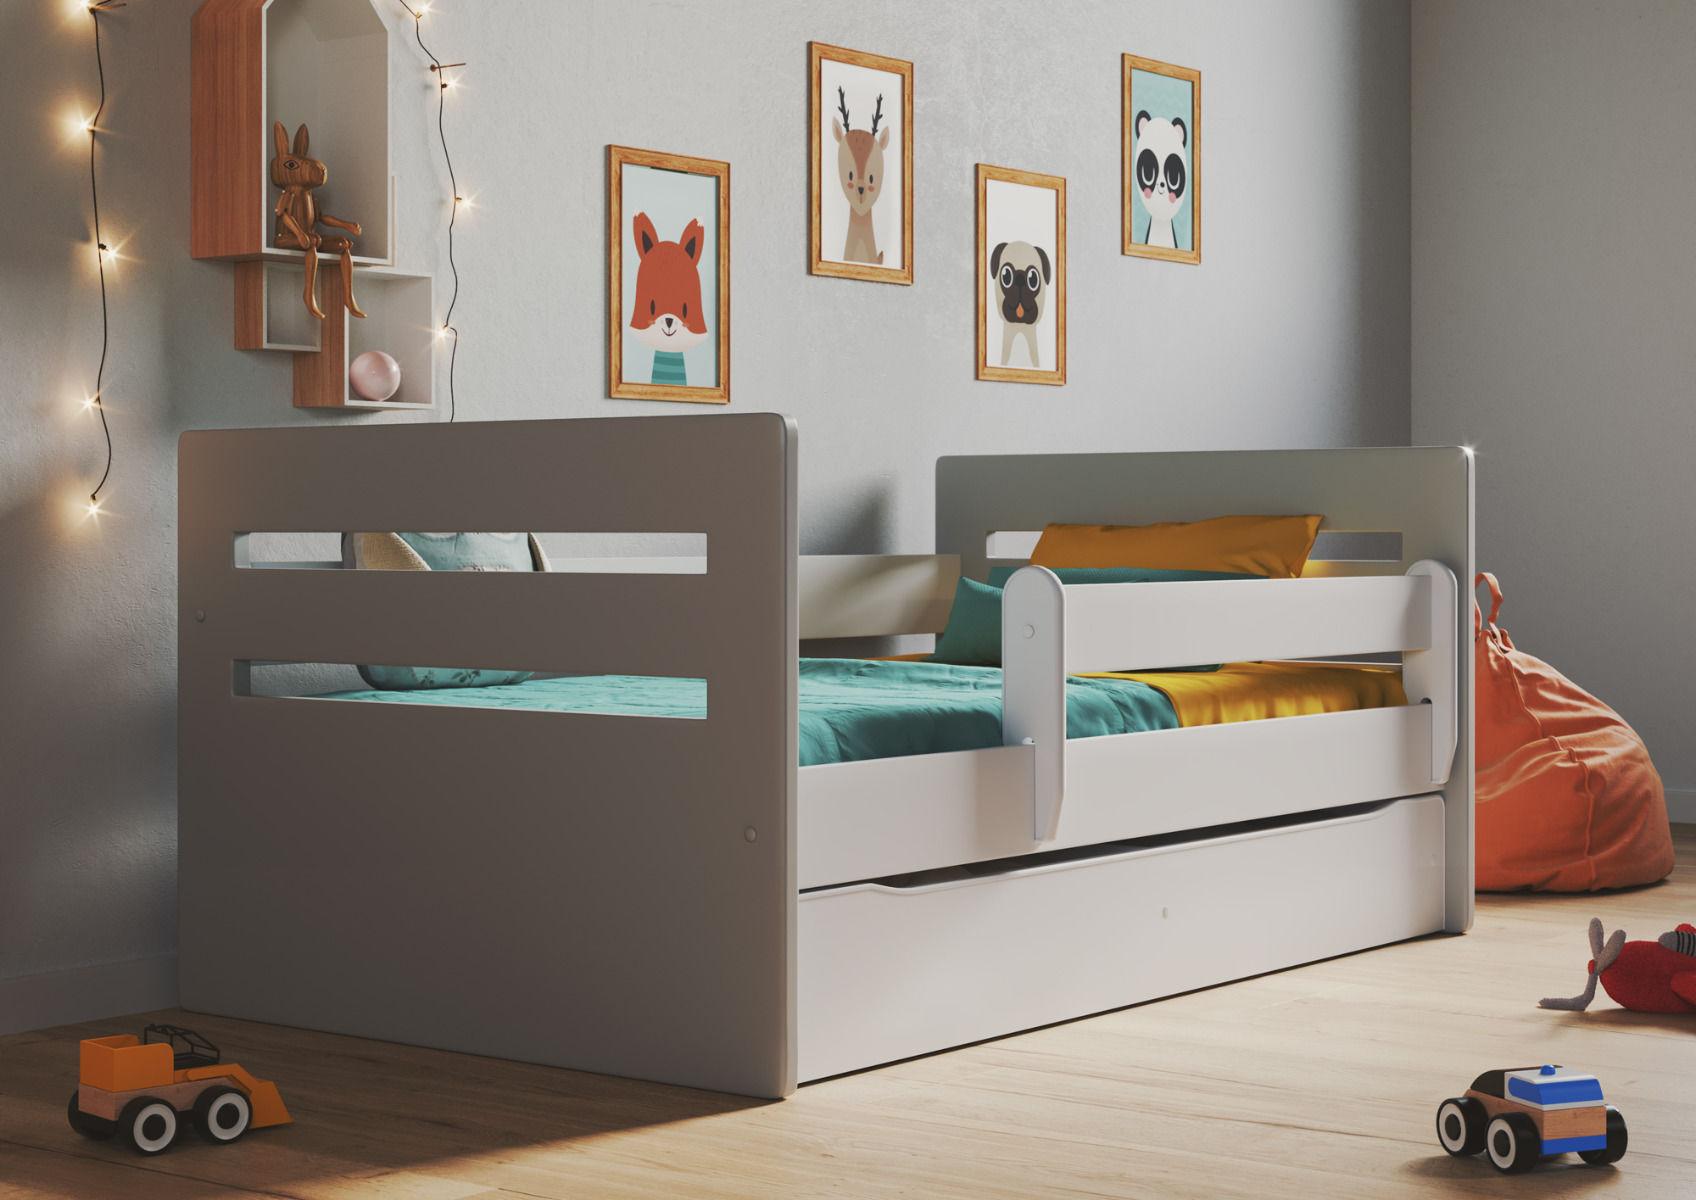 Łóżko dziecięce TOMI MIX 160x80 białe/szare z barierką i szufladą  KUP TERAZ - OTRZYMAJ RABAT